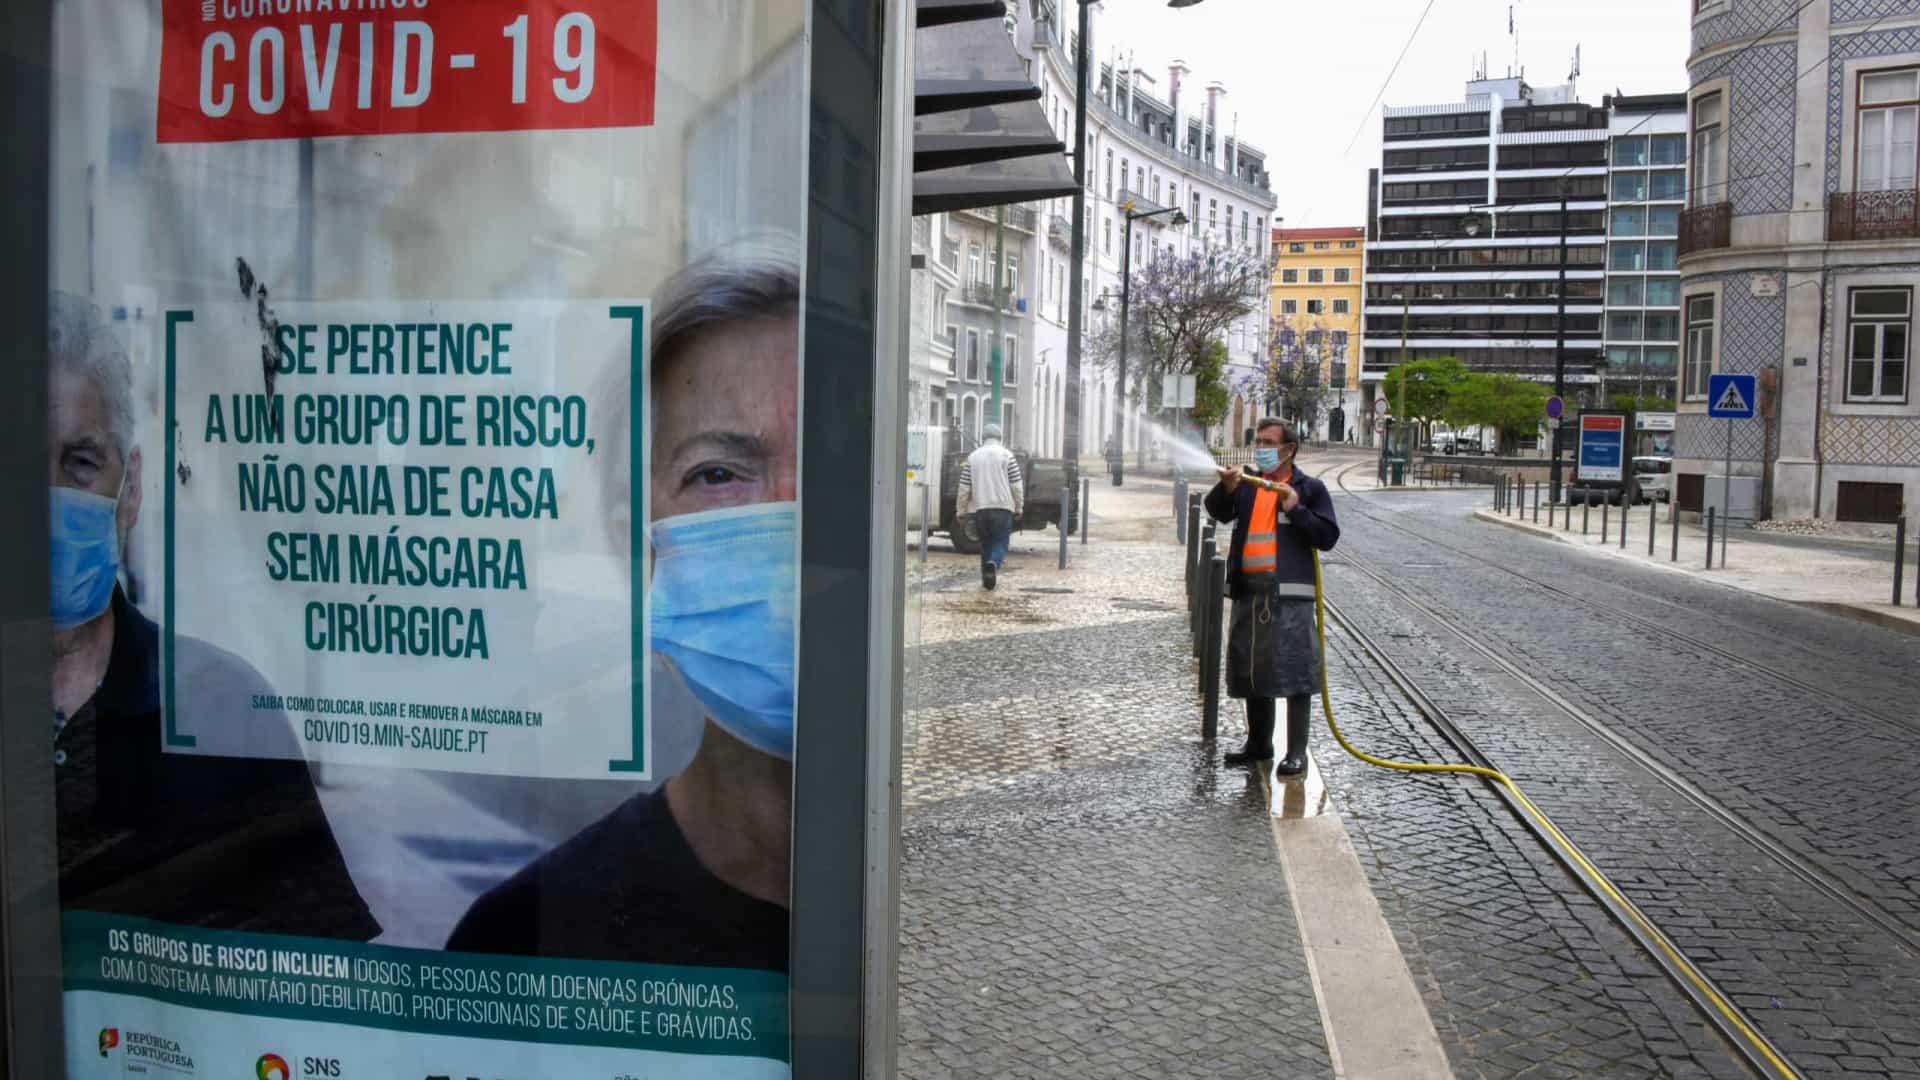 Covid-19 faz oito mortos e 331 infectados nas últimas 24 horas em Portugal